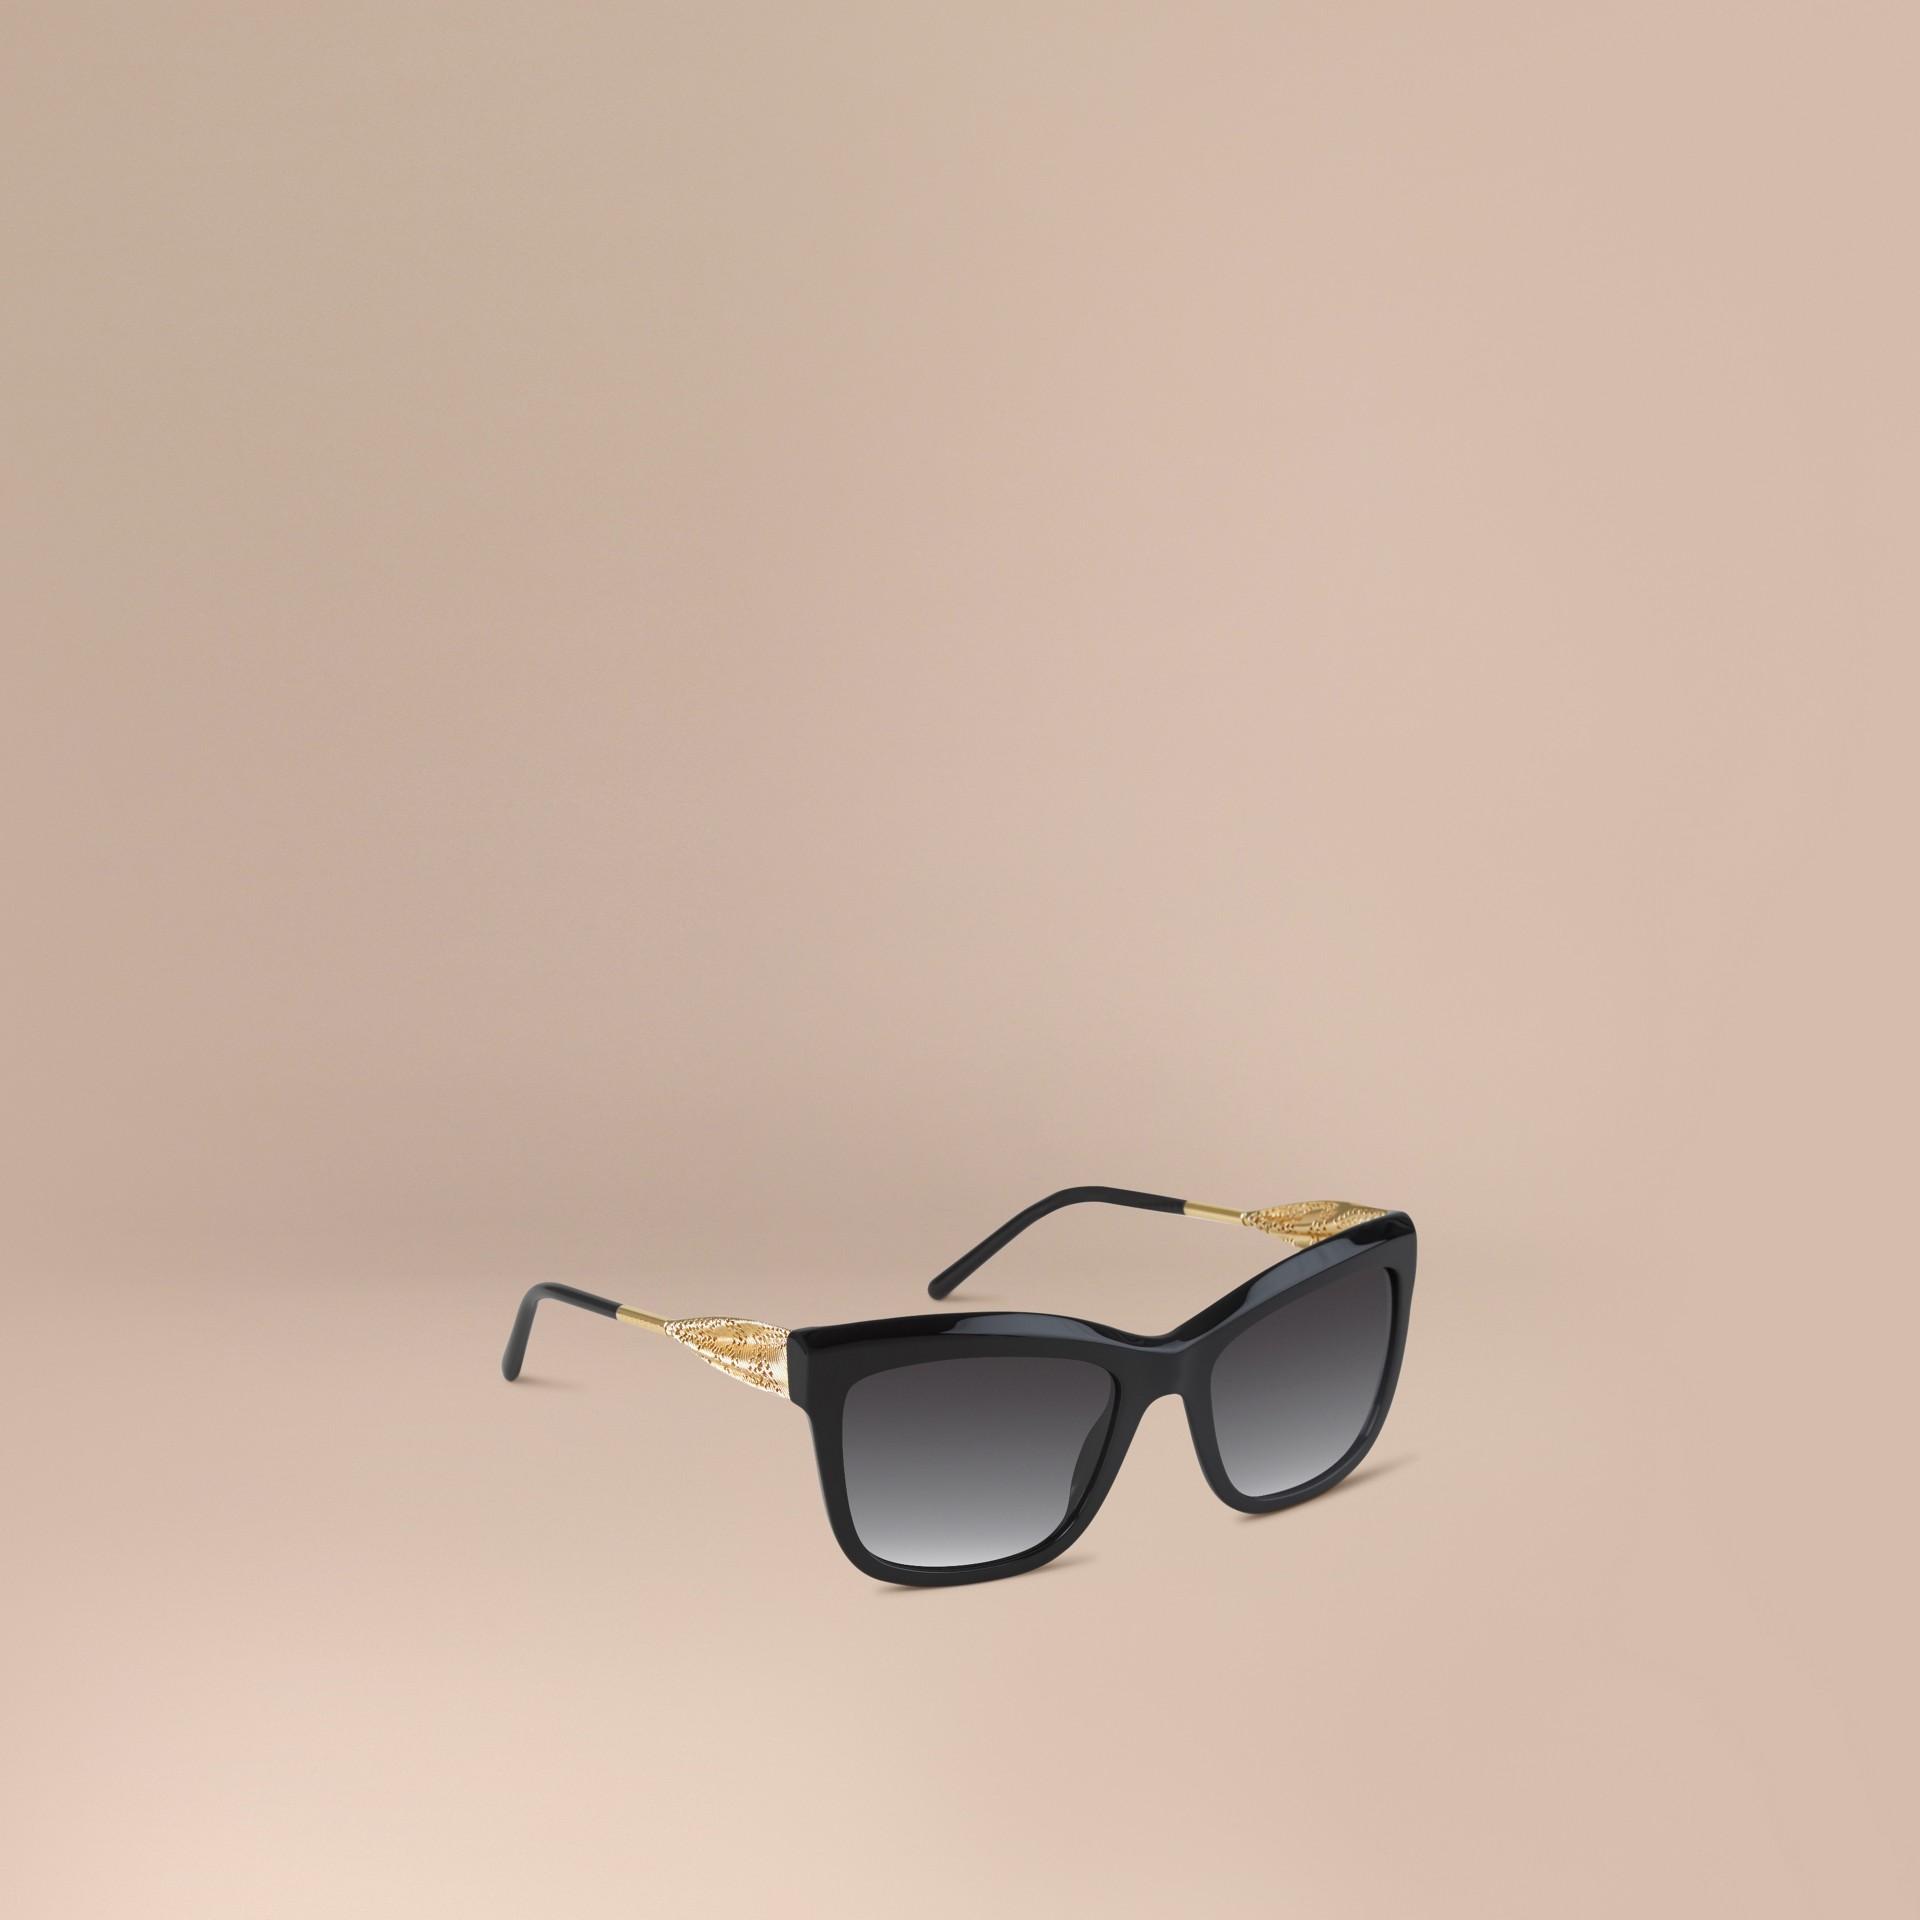 Preto Óculos de sol com armação quadrada da coleção Gabardine Lace Preto - galeria de imagens 1